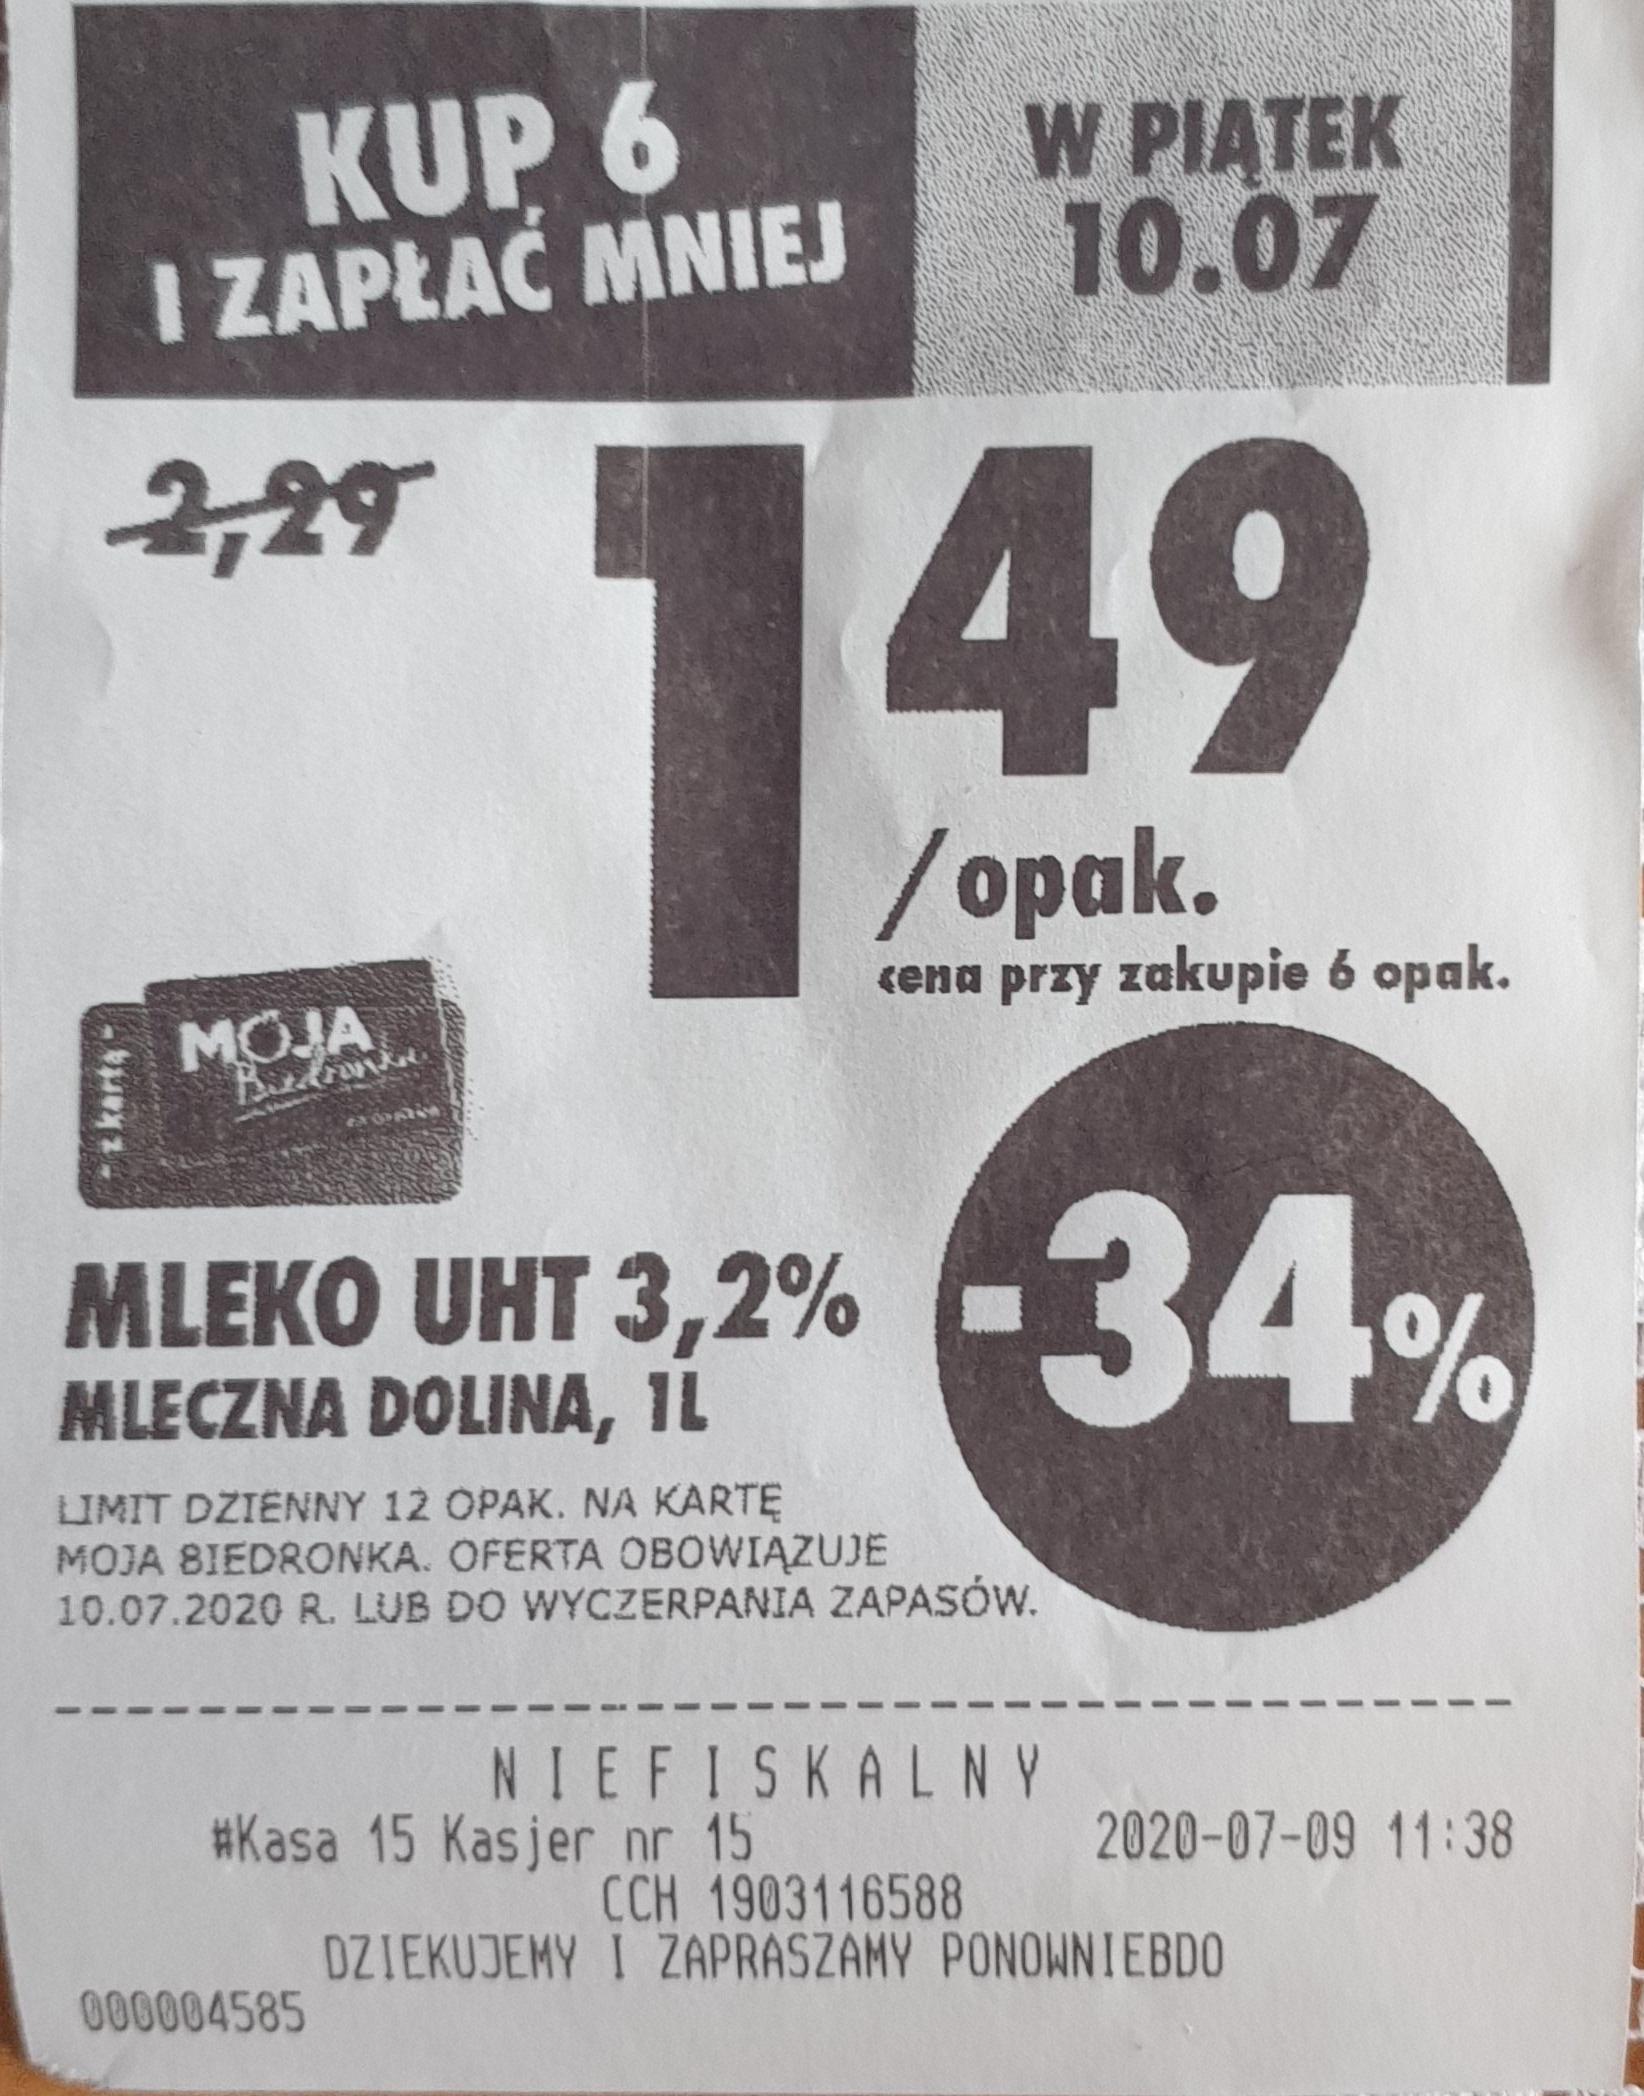 Mleko Mleczna Dolina UHT 3,2% 1 l. przy zakupie 6 opak. Biedronka